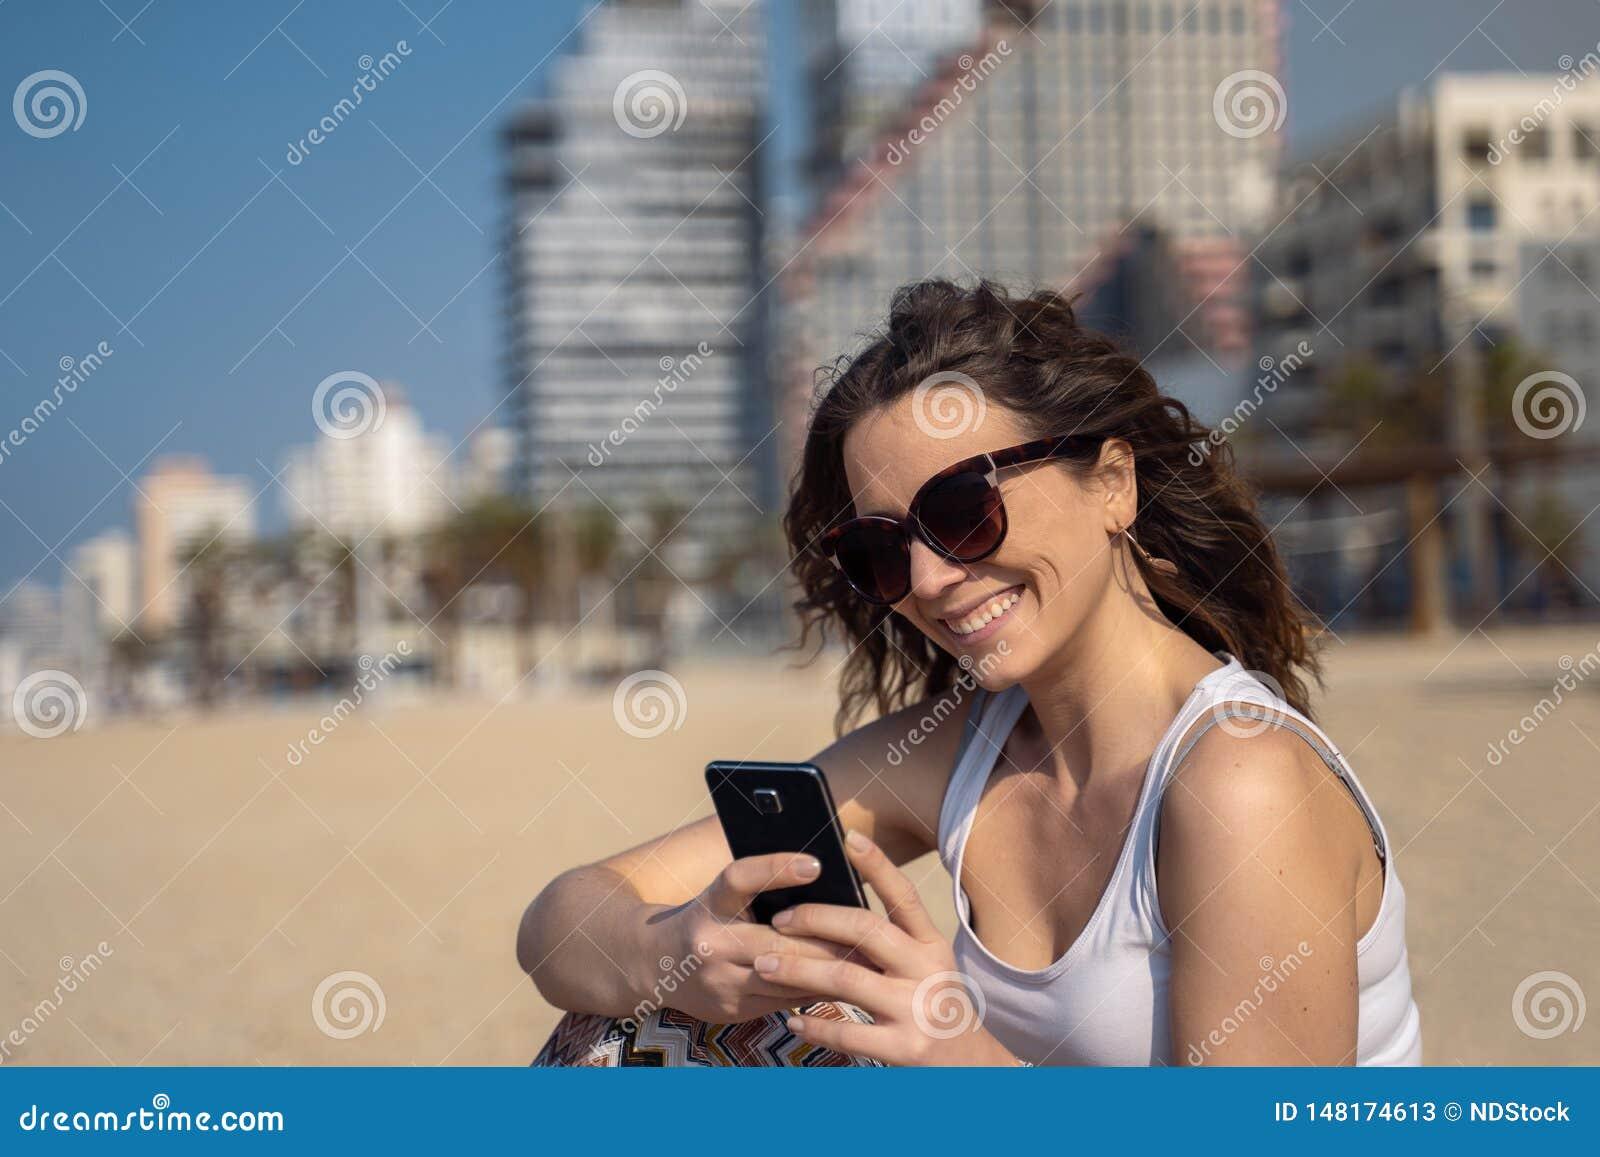 Mujer linda joven que usa smartphone en la playa Horizonte de la ciudad en fondo